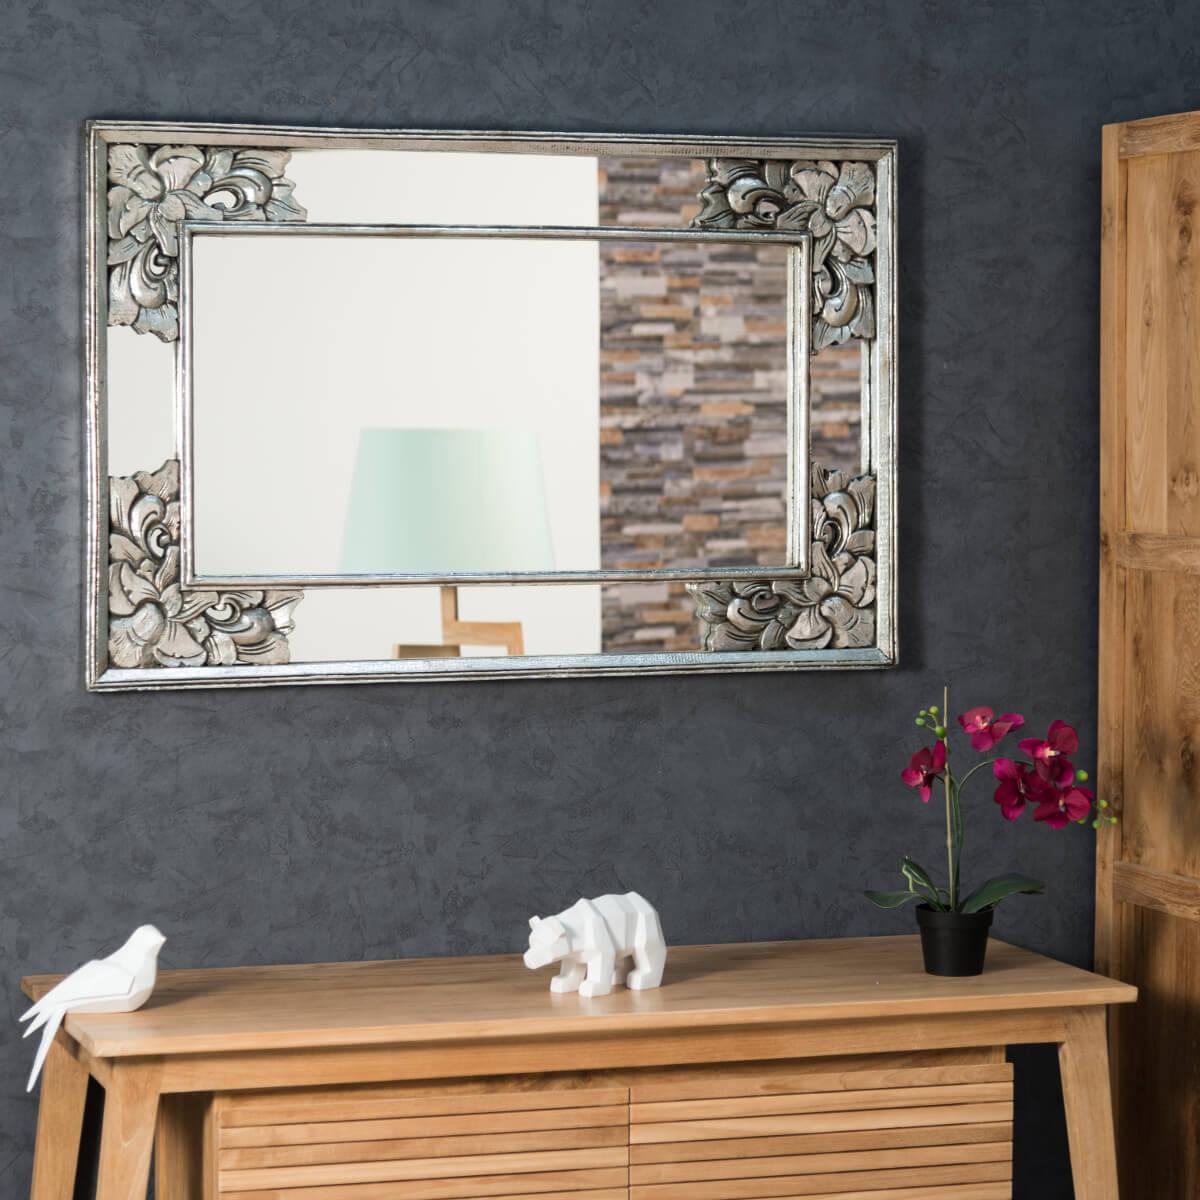 miroir de d coration en bois massif mathilde carr